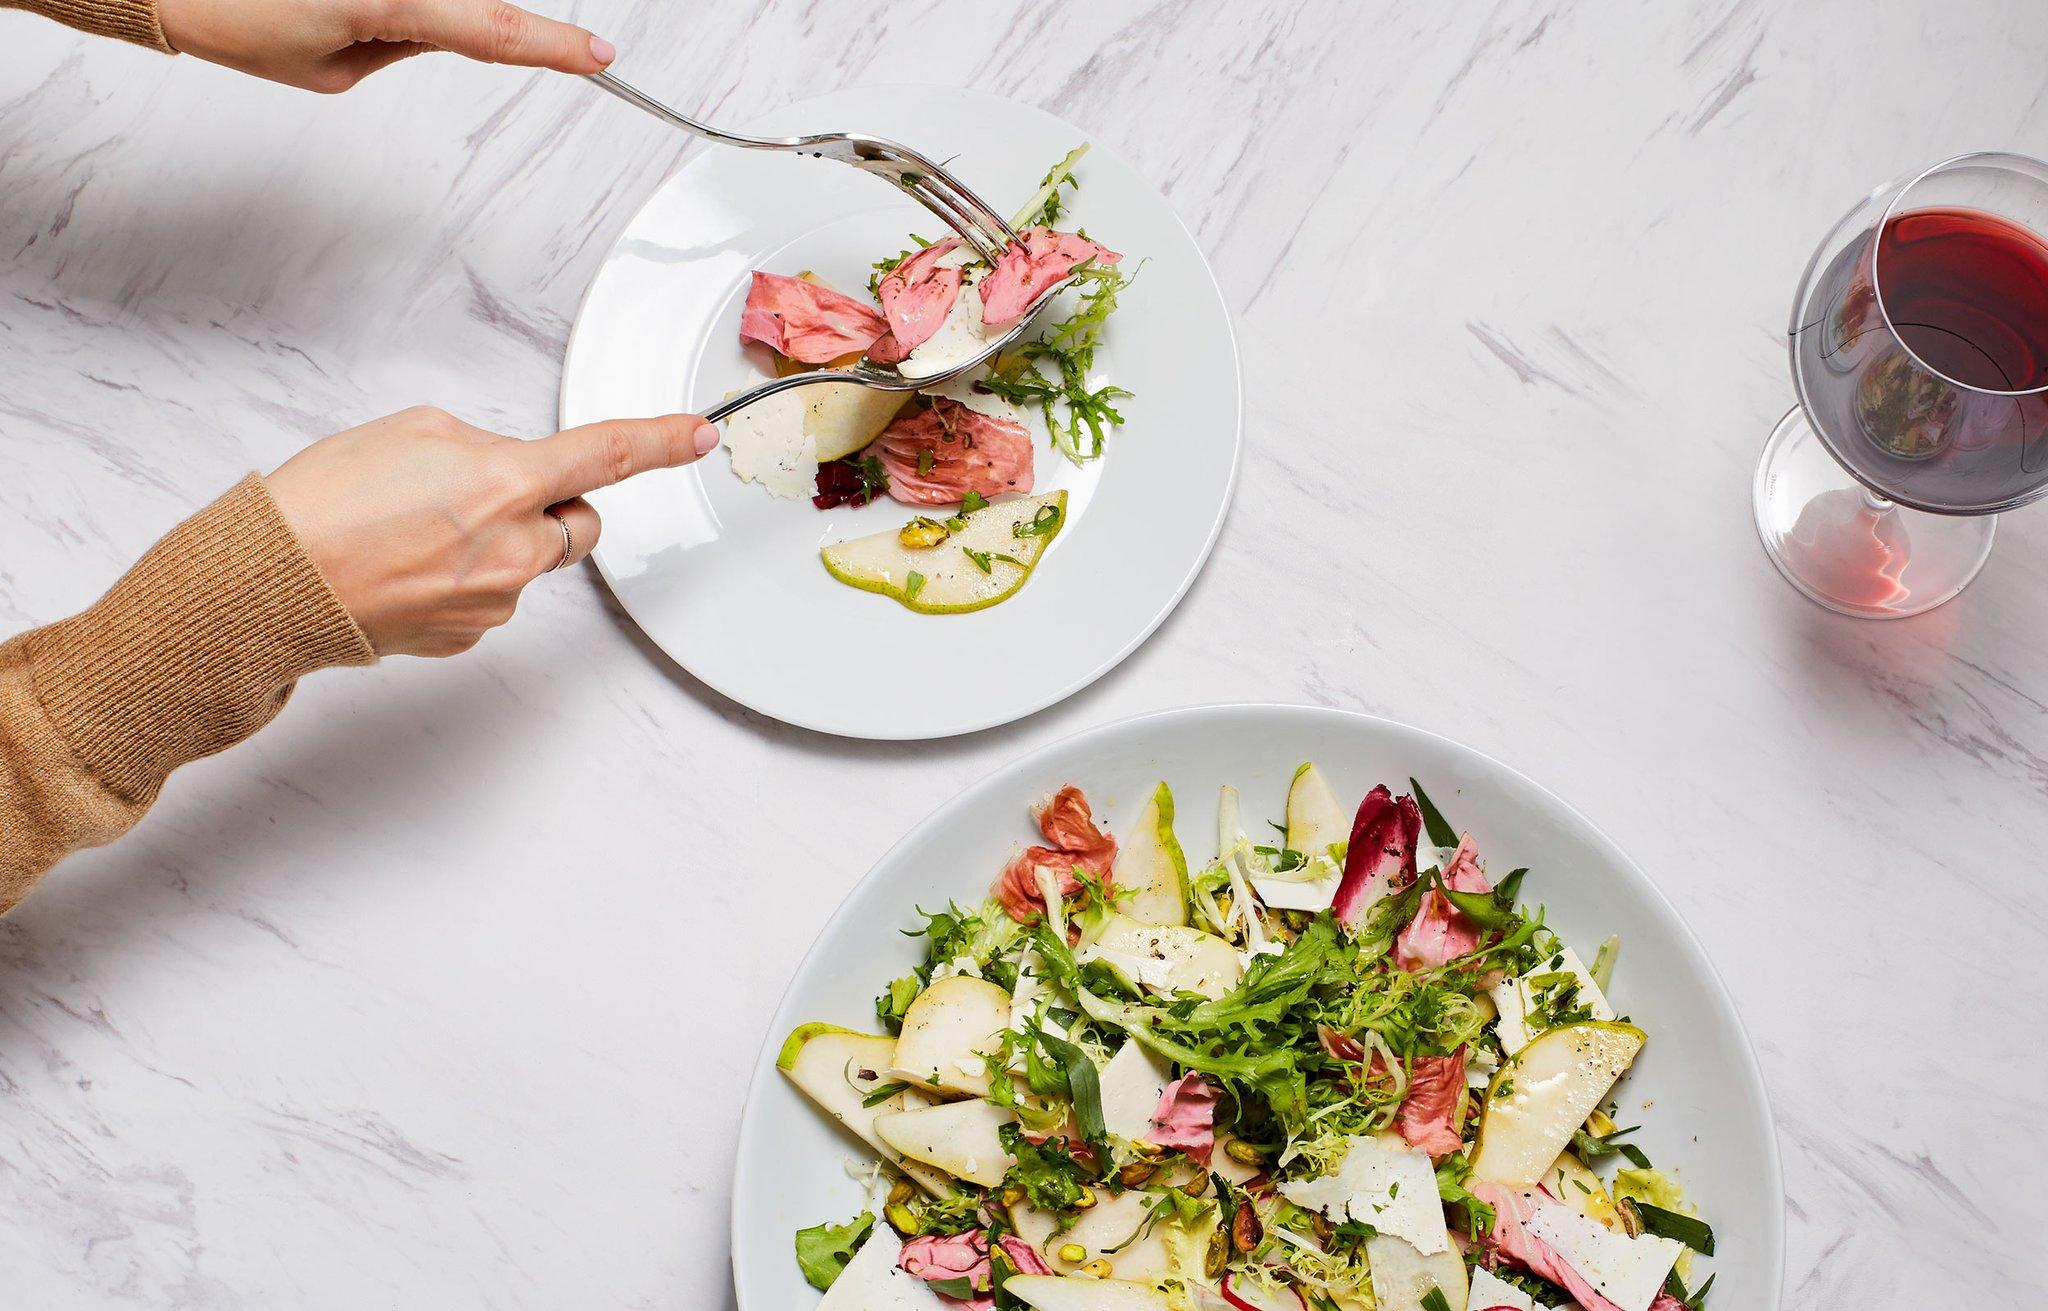 อาหารเพื่อสุขภาพมีประโยชน์อย่างไร